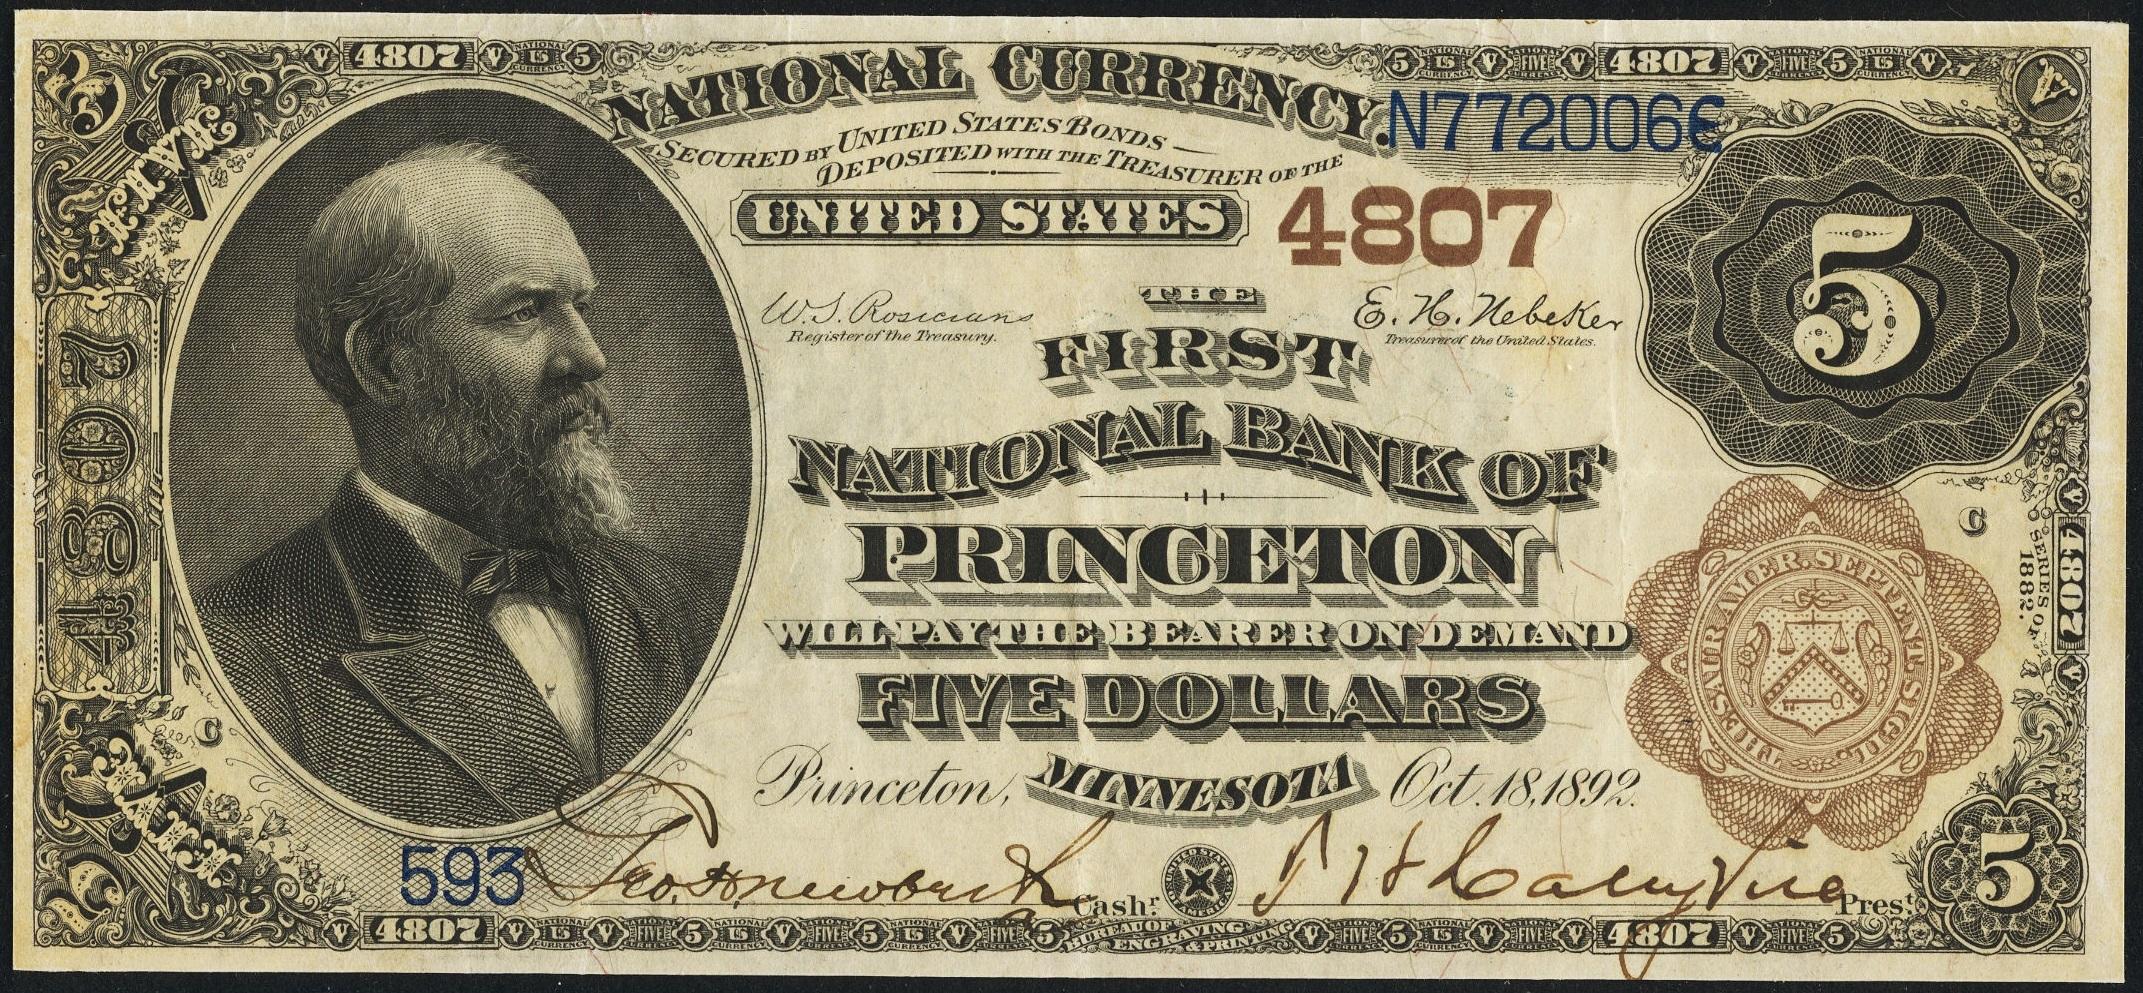 Princeton 4807 593C